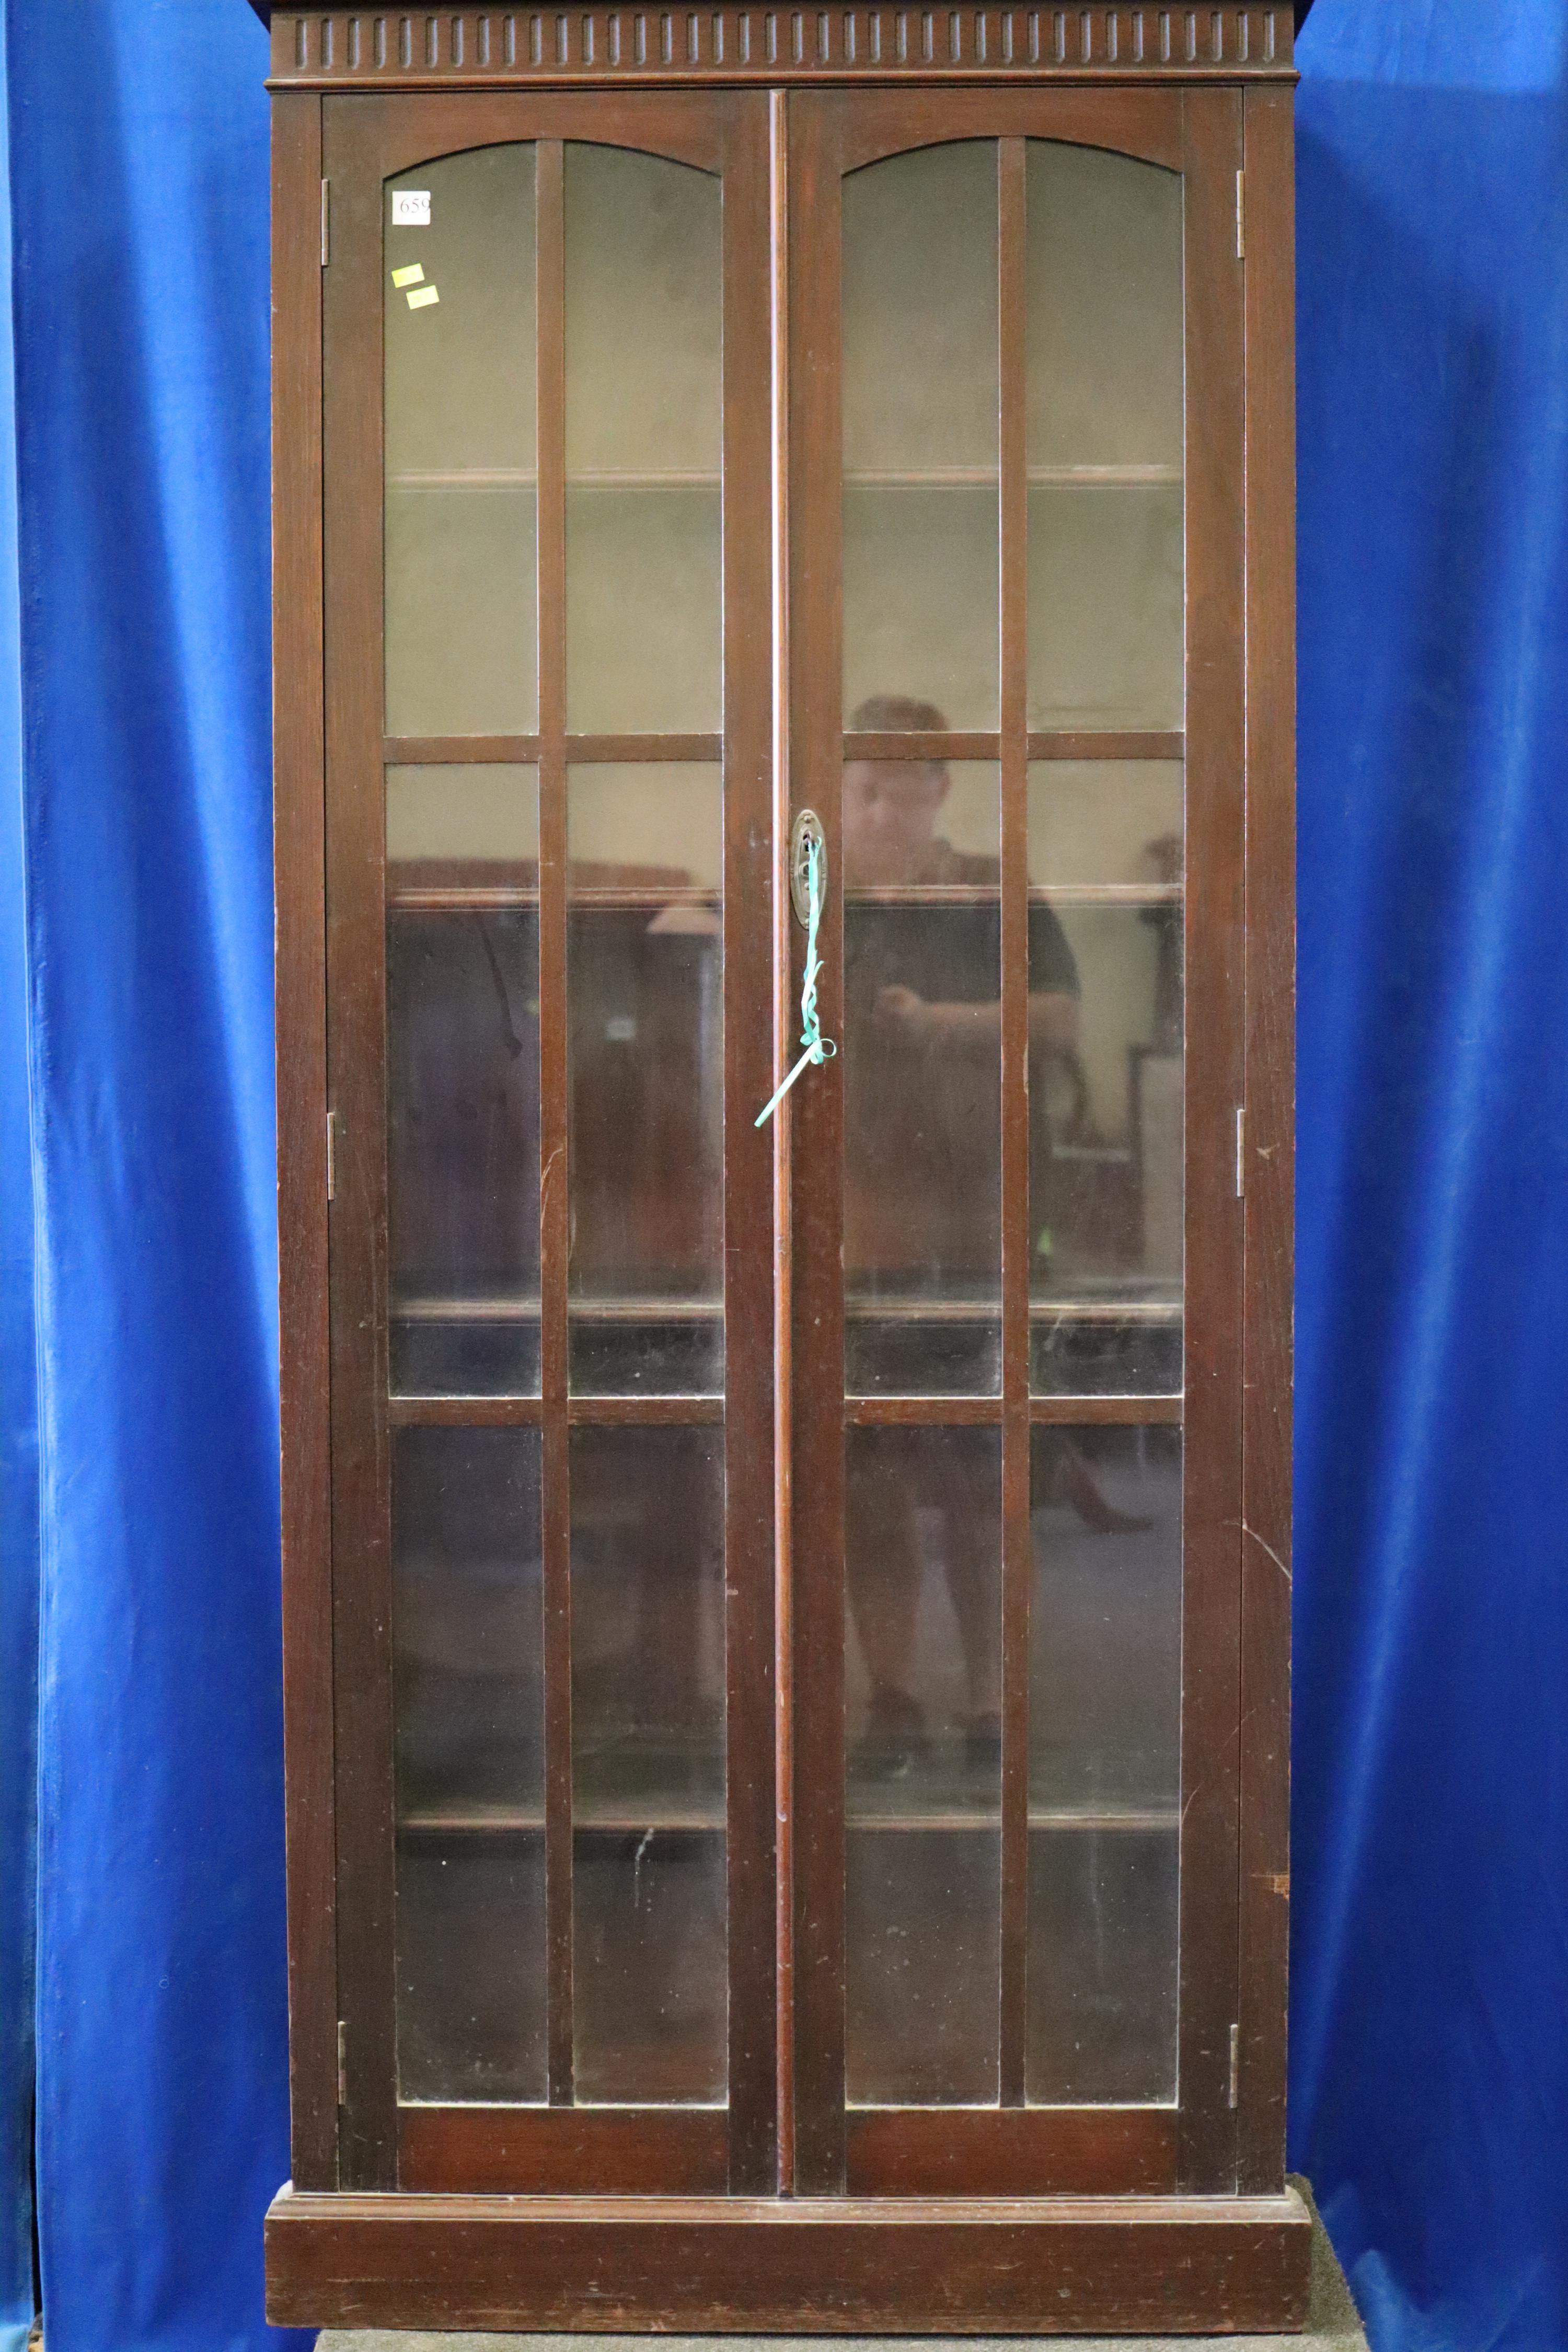 TALL 2 DOOR GLASS FRONT BOOKSHELF/DISPLAY CABINET